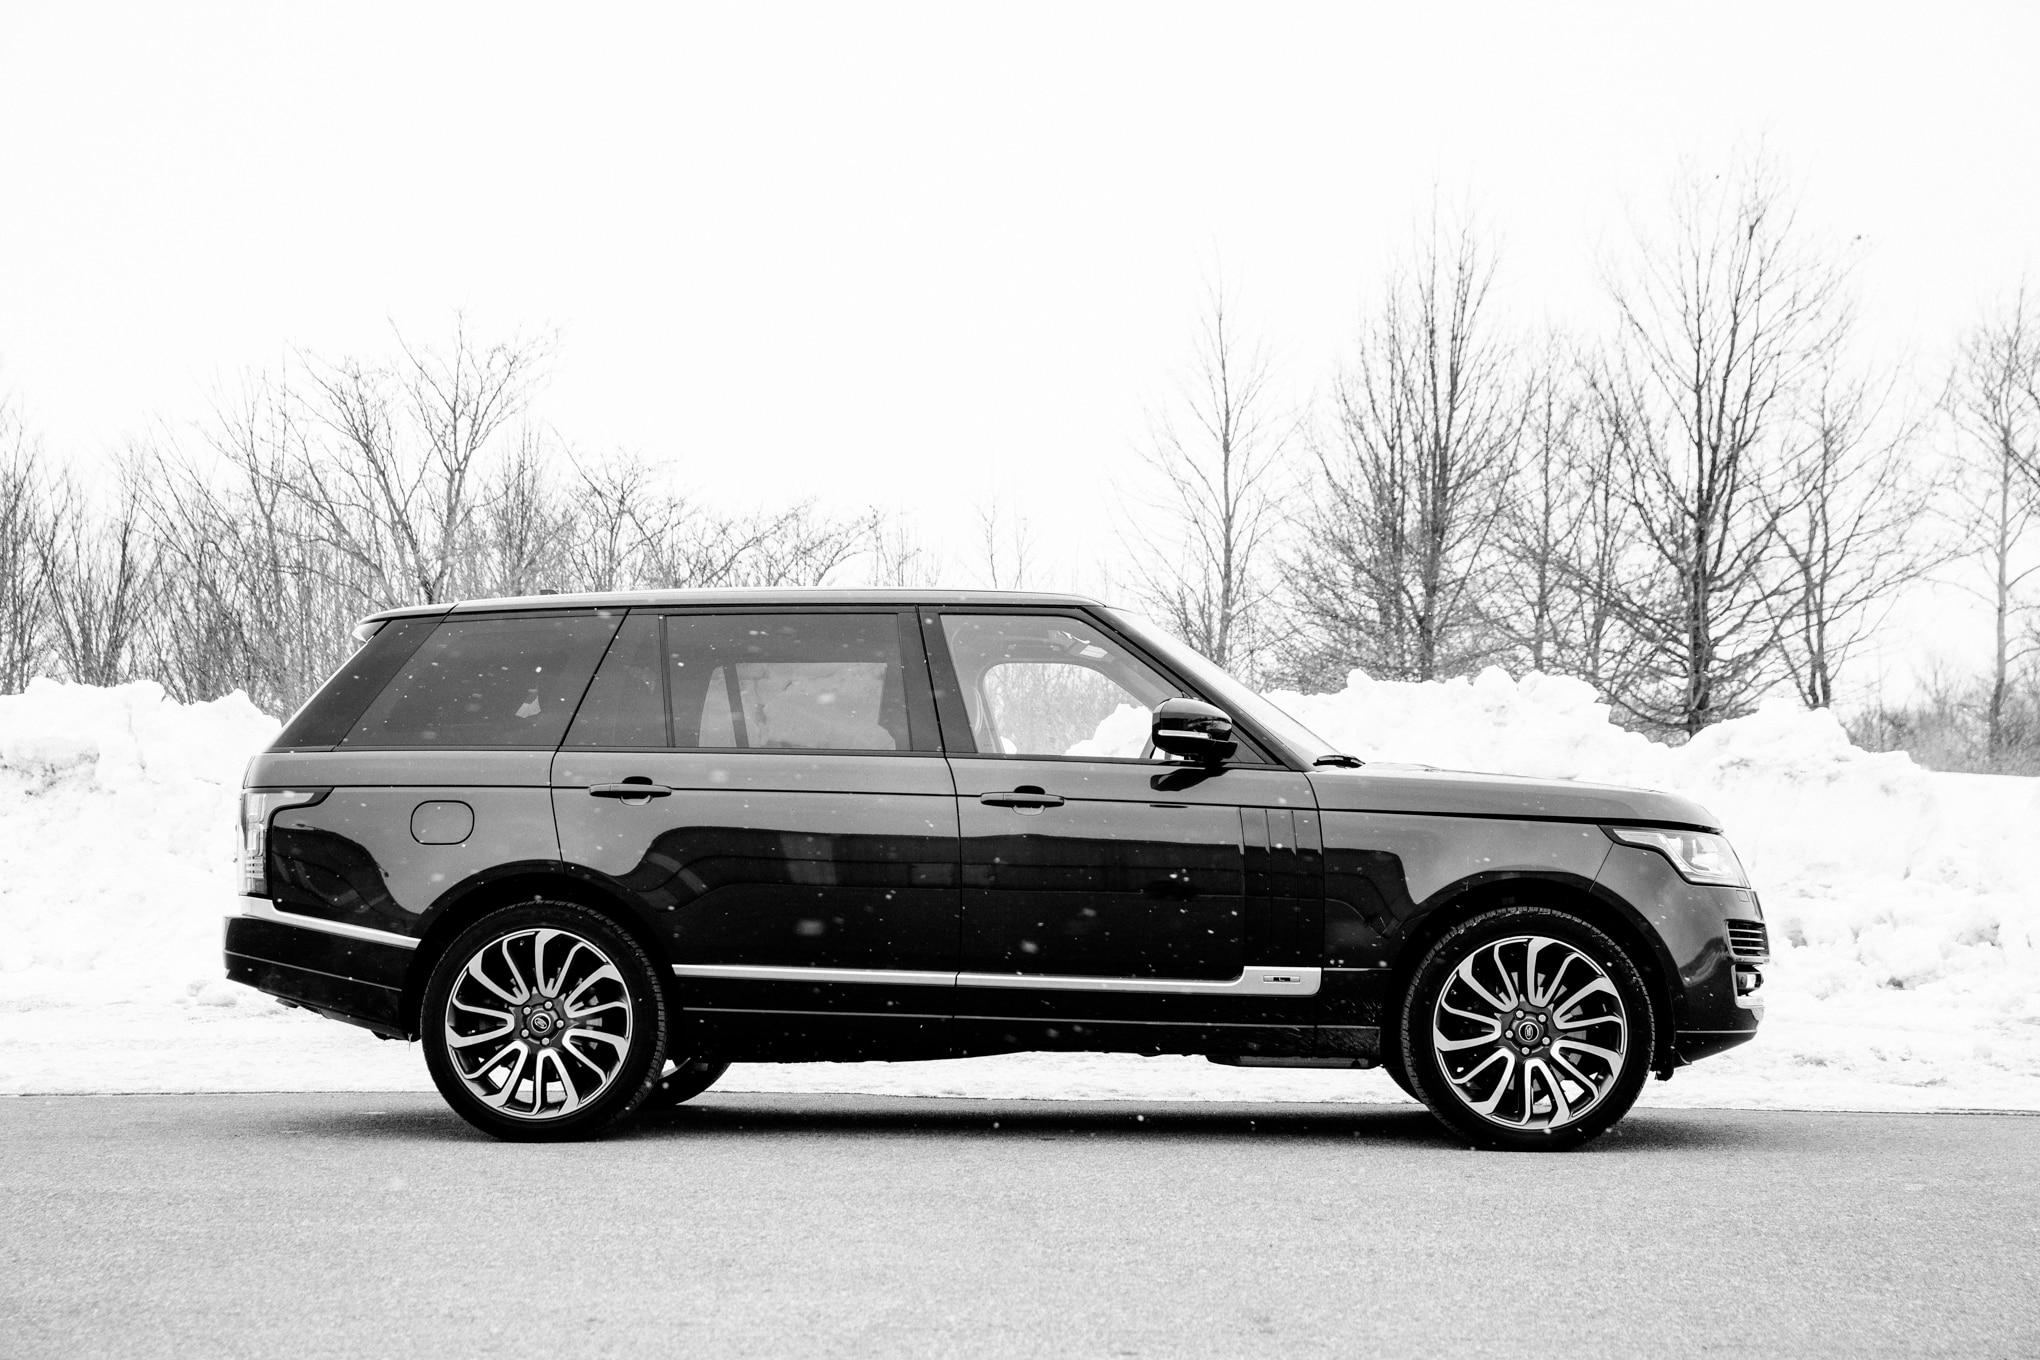 Range Rover Long Wheelbase >> 2014 Range Rover Autobiography Long Wheelbase Around The Block